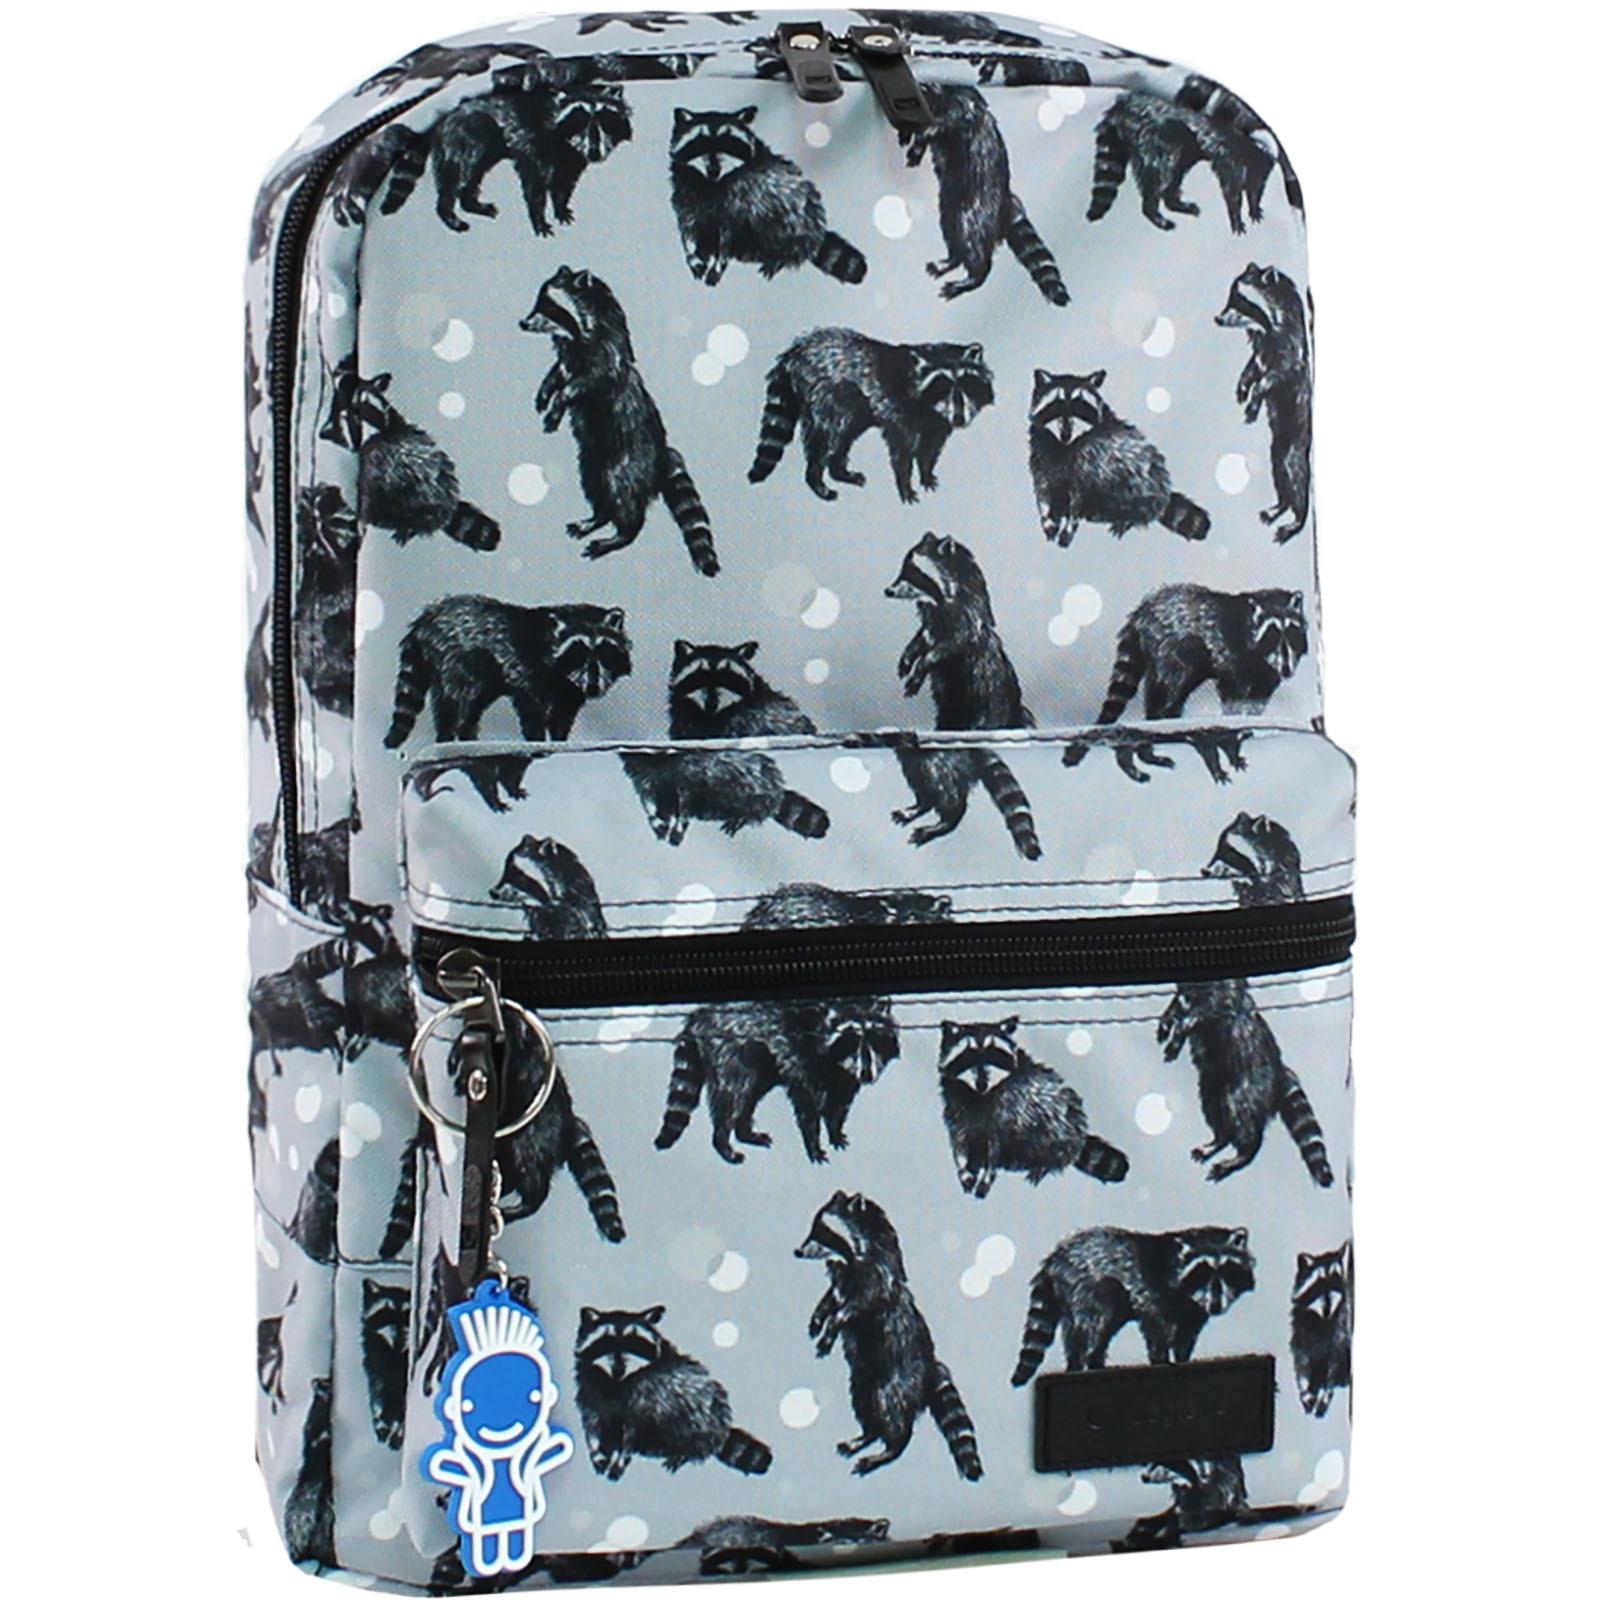 Детские рюкзаки Рюкзак Bagland Молодежный mini 8 л. сублимация (356) (00508664) IMG_7965.JPG